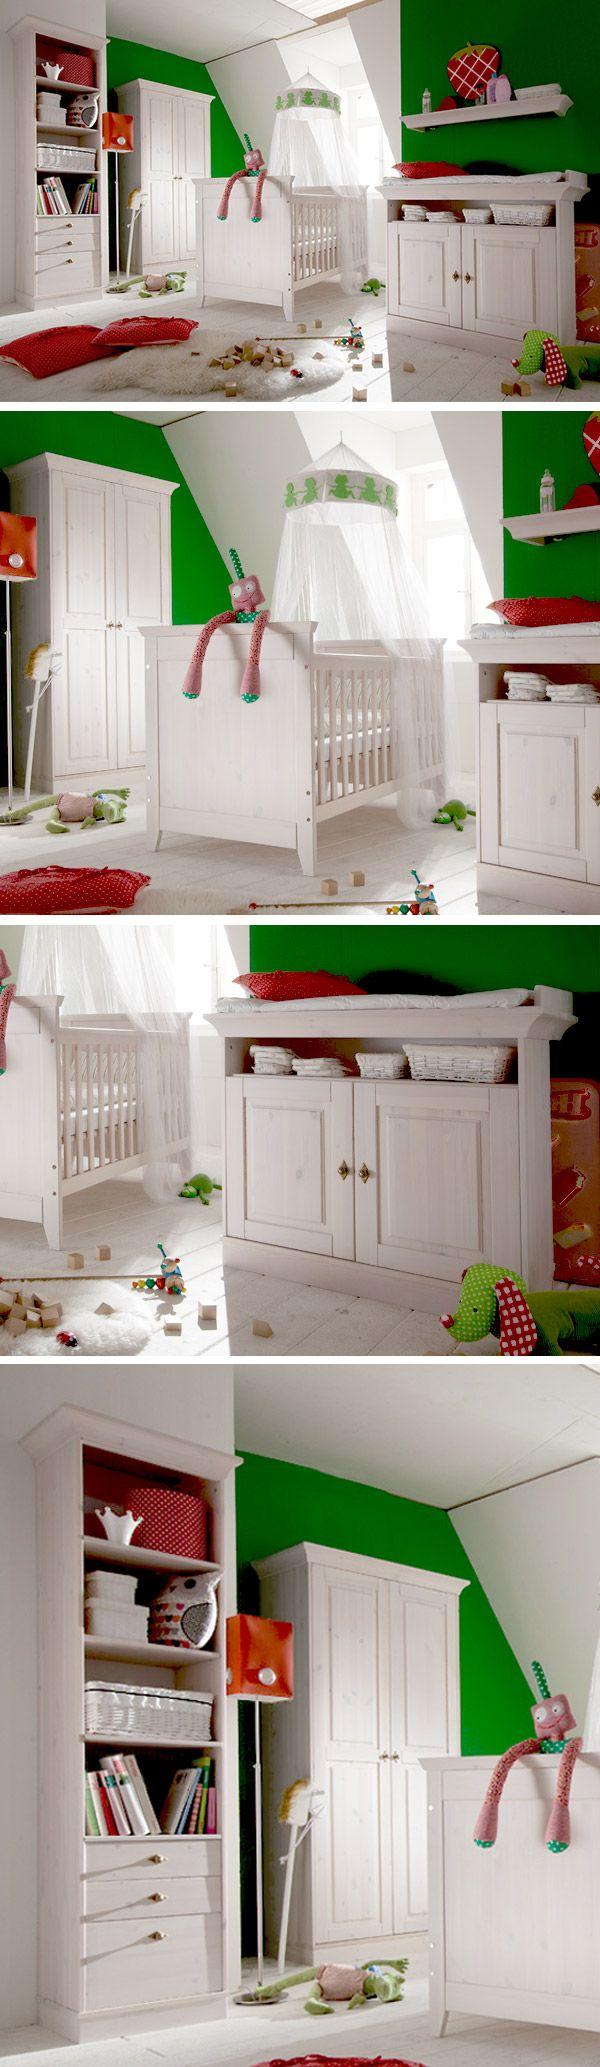 Modernes Babyzimmer aus massivem Kiefernholz | Betten.de #babyzimmer #babybett #weiß #landhaus #romantisch http://www.betten.de/babyzimmer-komplett-weiss-massiv-babys-paradise.html